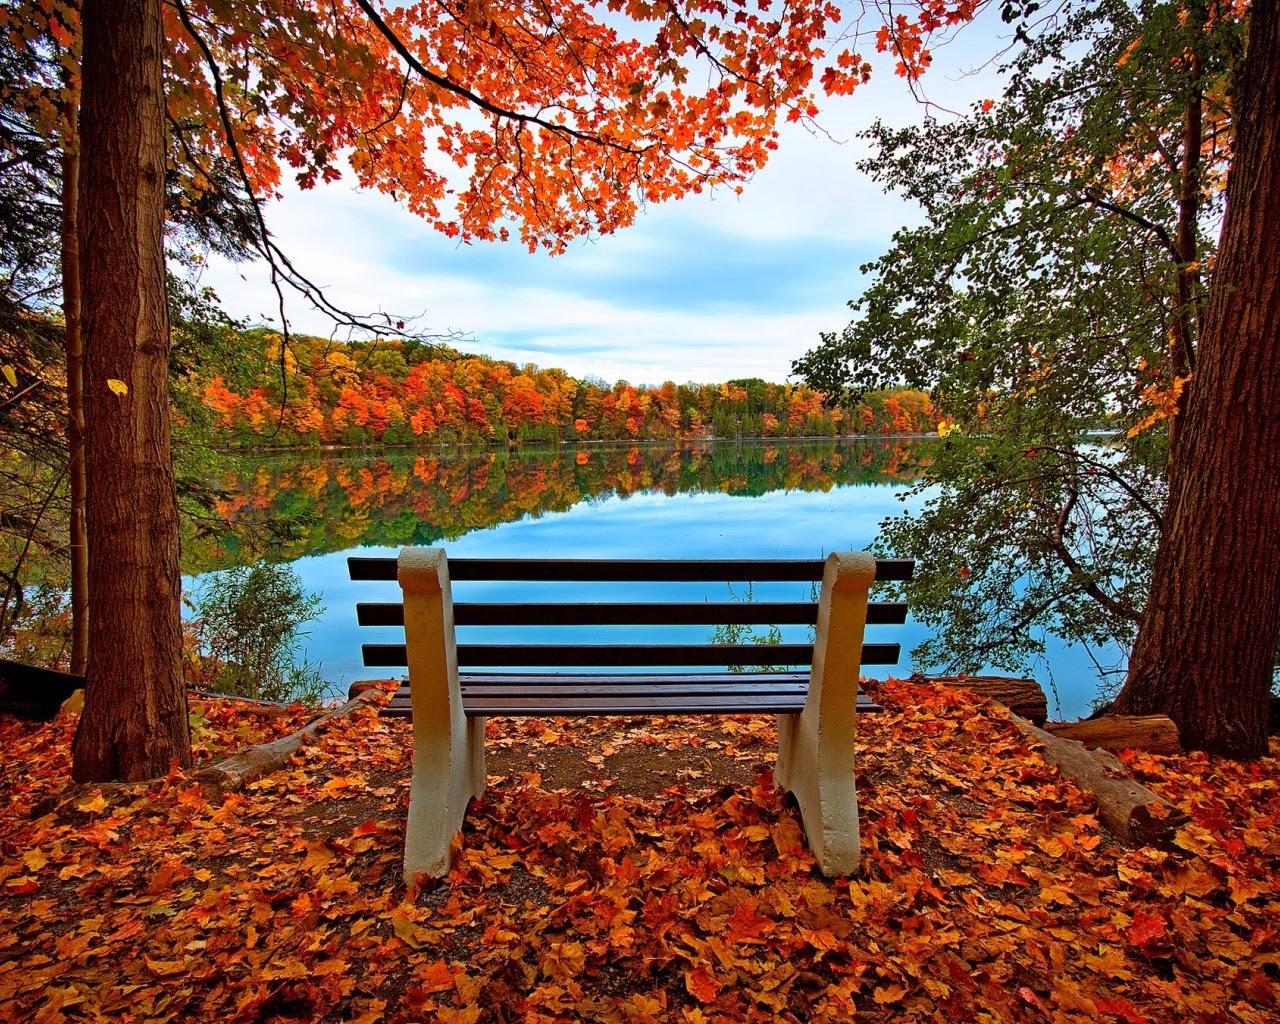 صورة صور طبيعية , صور جمال الطبيعة